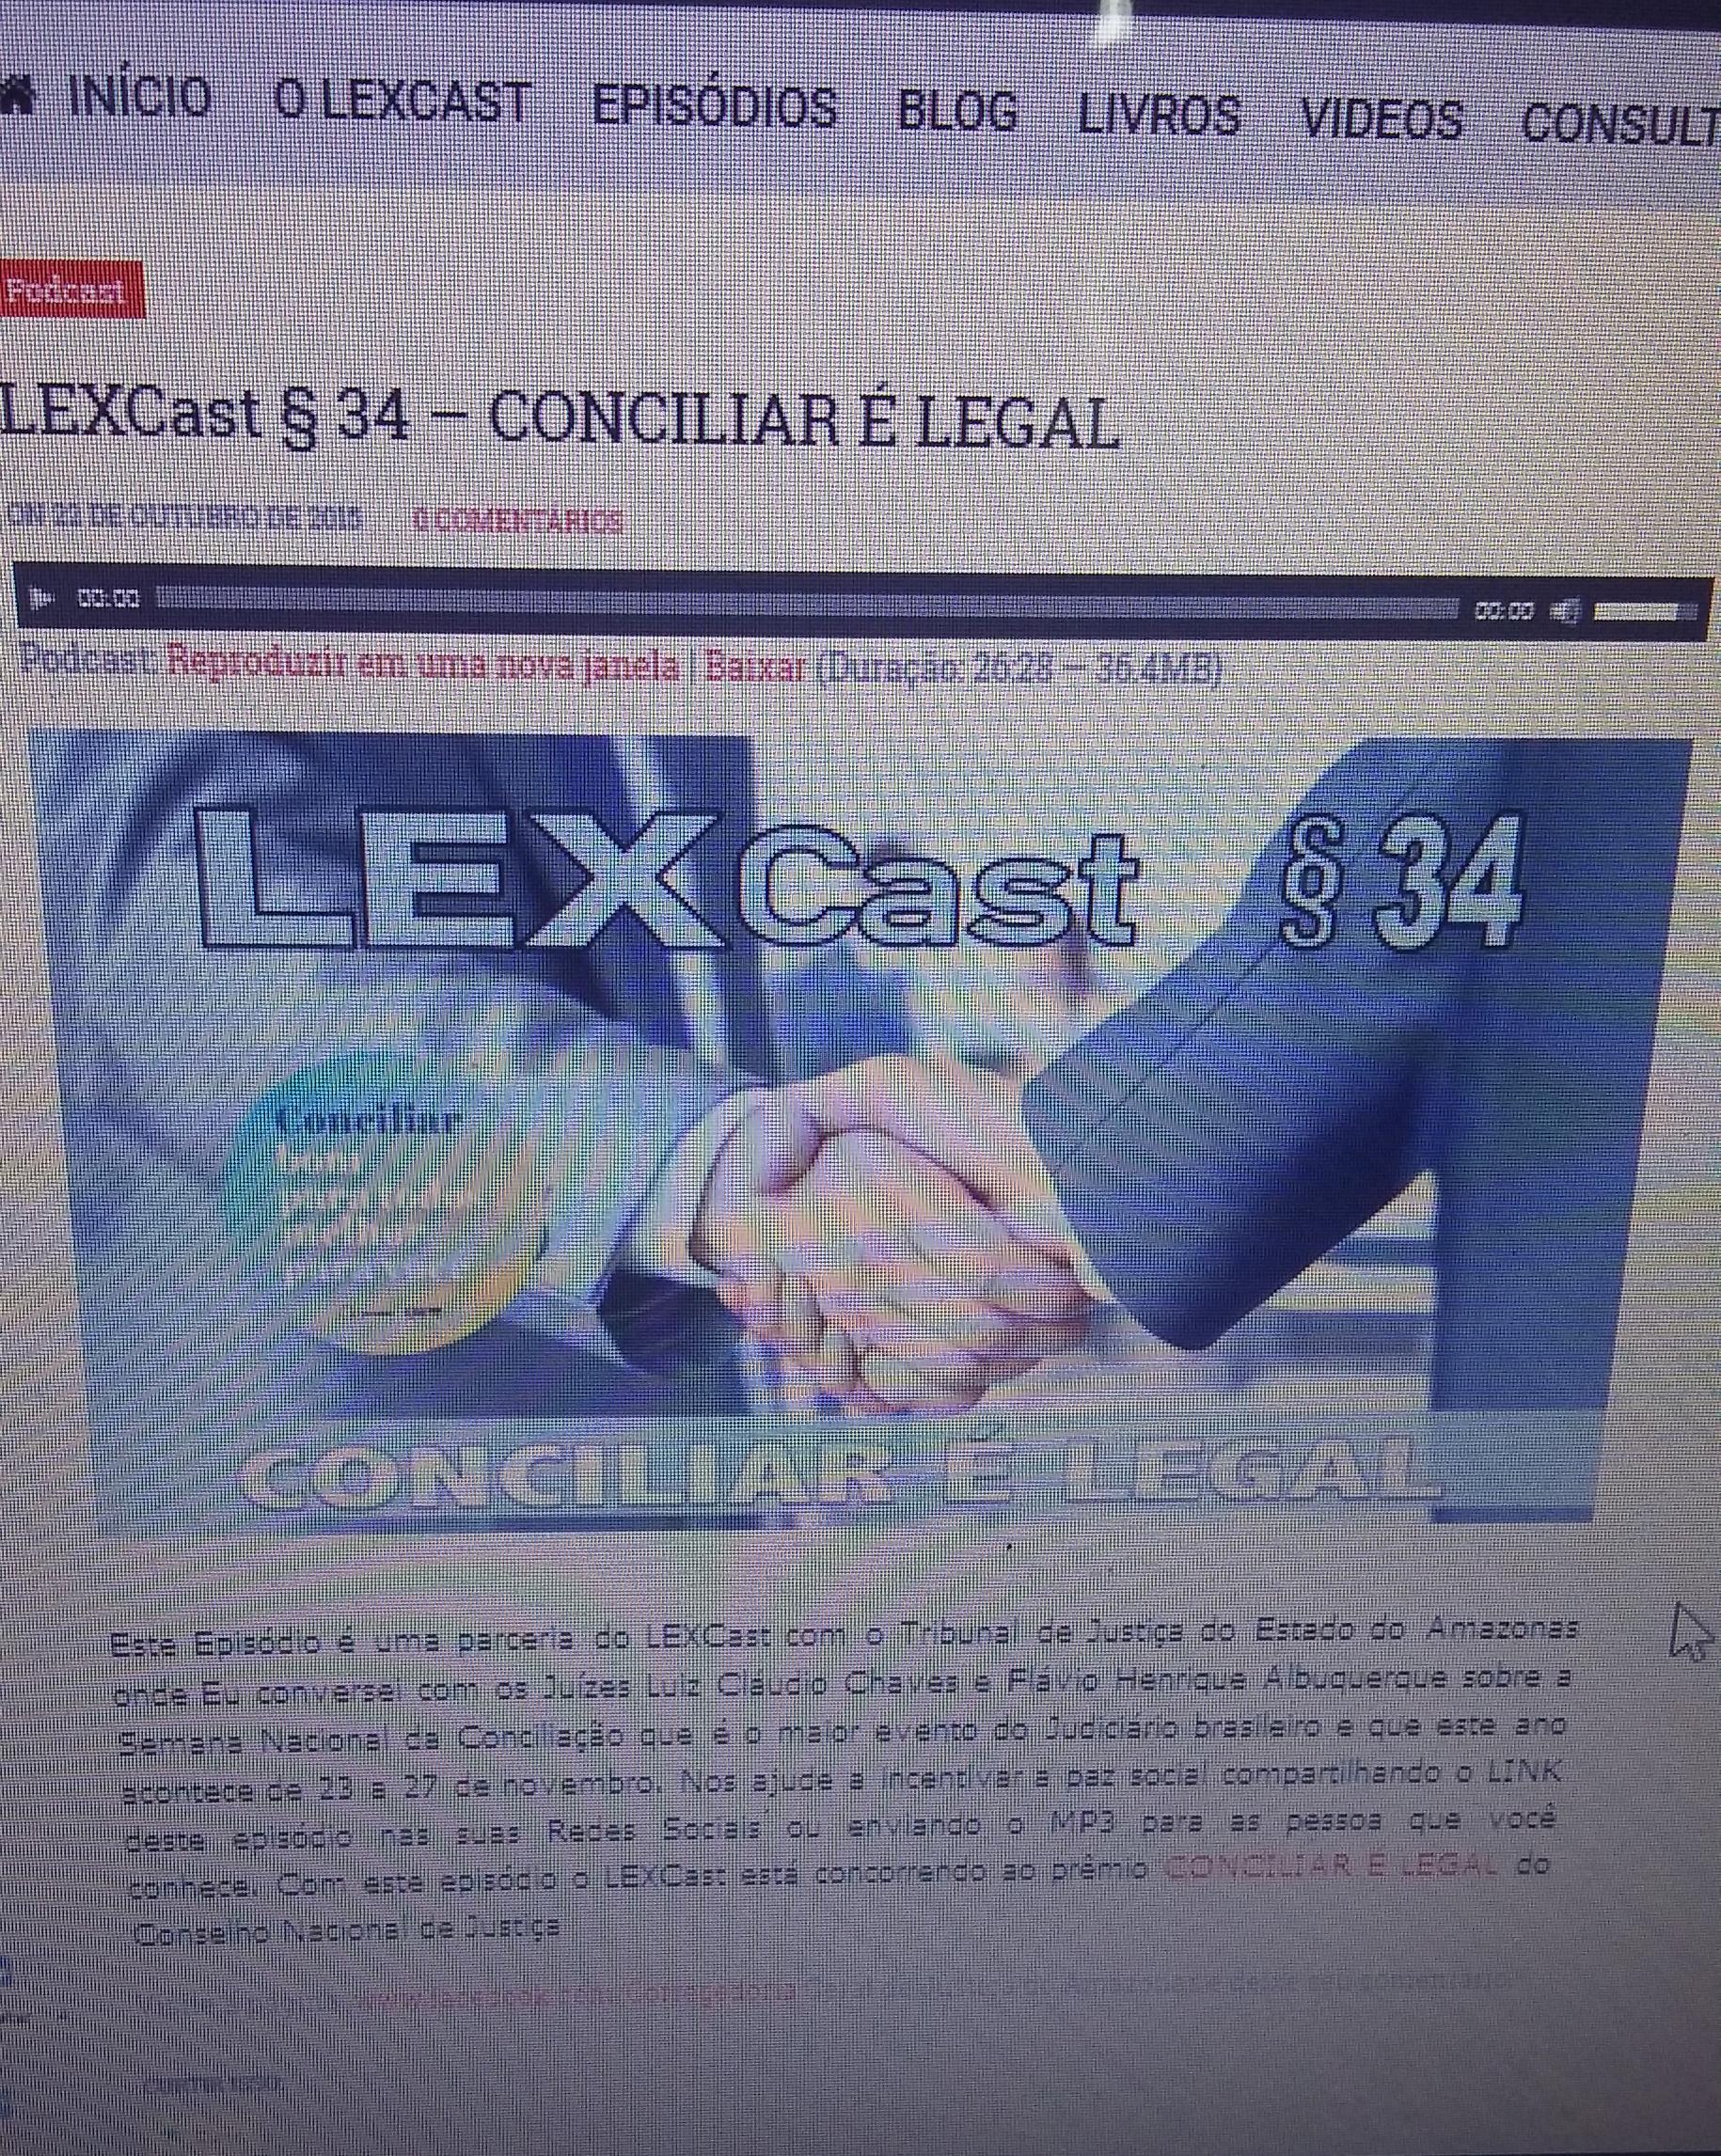 Entrevista com o Podcast LEXCast